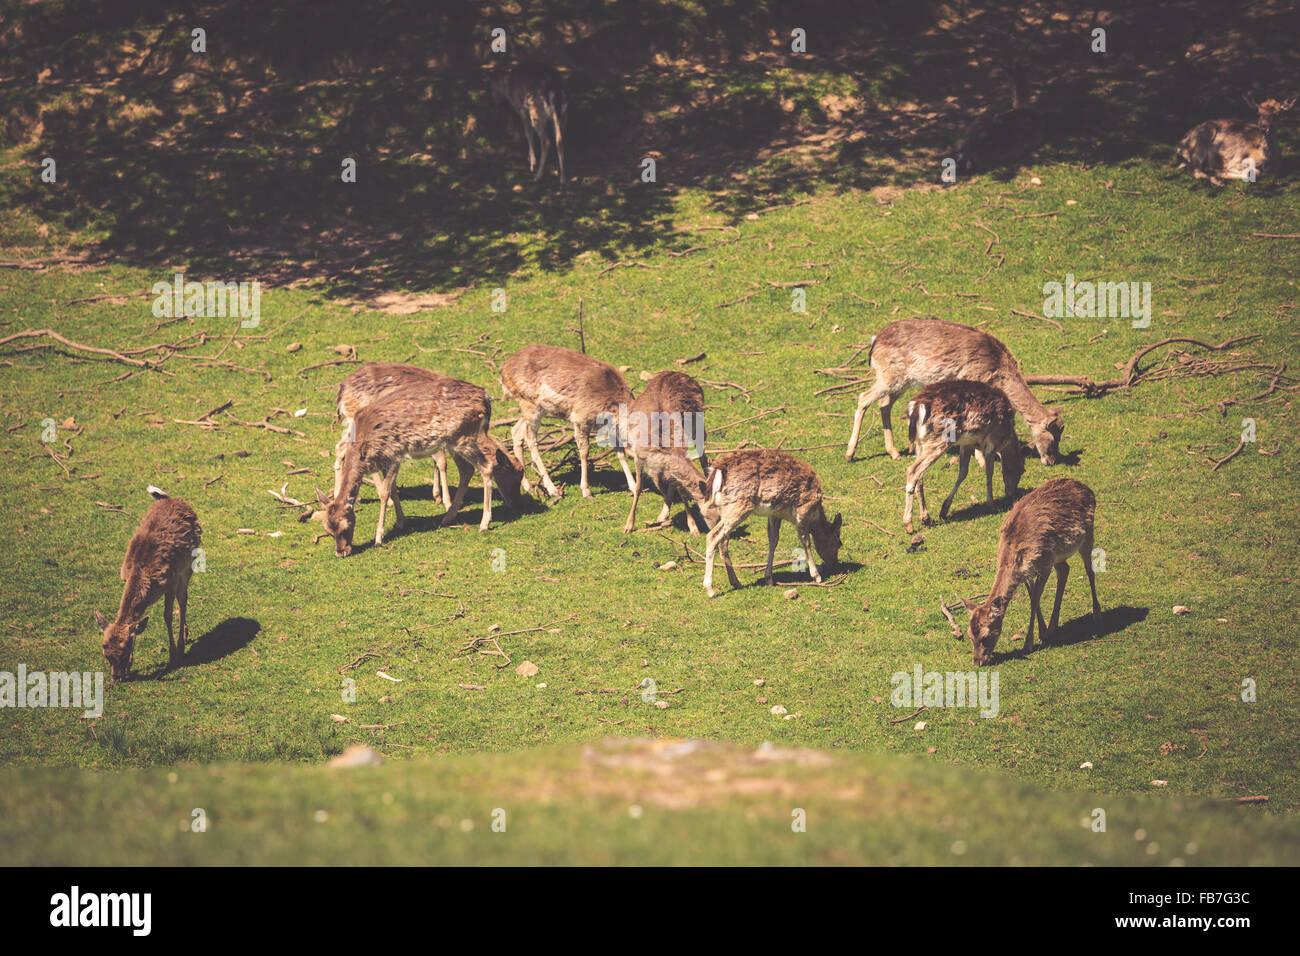 Un verano vista de una manada de gamos (Dama dama) en las verdes praderas. Estos mamíferos pertenecen a la familia Cervidae Foto de stock